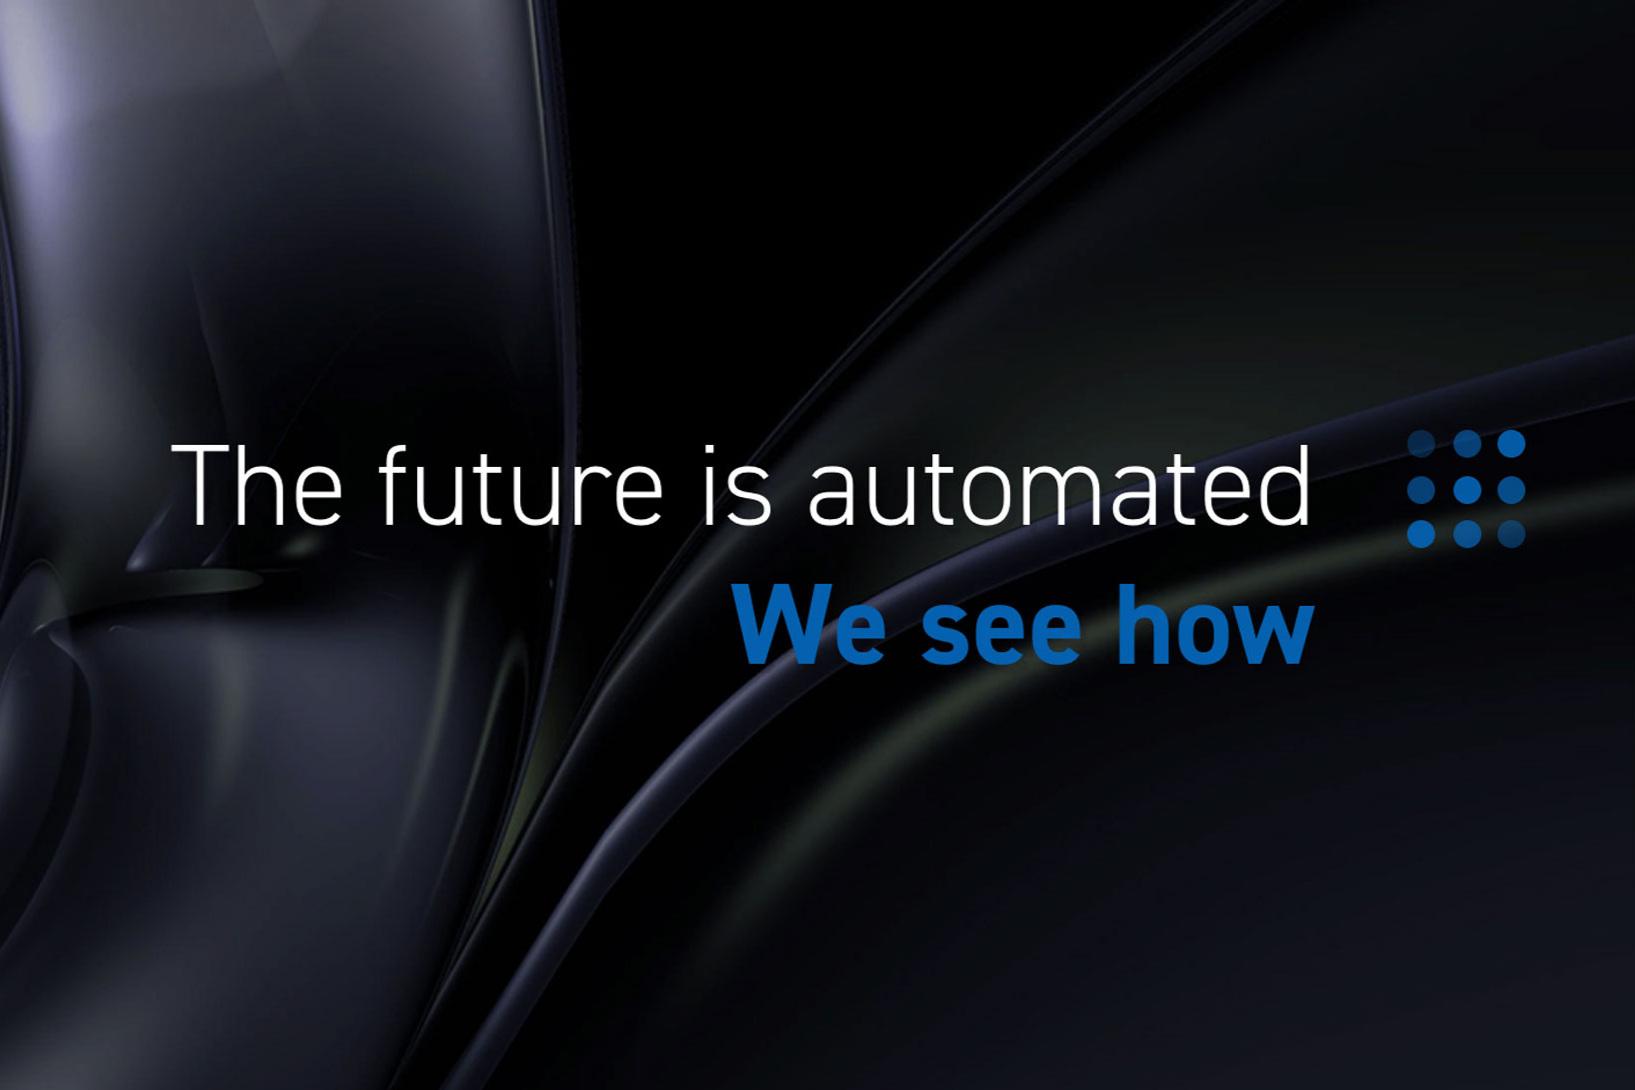 """Merkevare - Merkevarebygging er m.a. å skape ein enkel, overordna kommunikasjon. Forretningsidéen er digitalisering og automatisering av prosessar basert på sensorteknologi. Vi kom opp med merkeløftet """"The future is automated. We see how"""". Dekkande - og ein enkel start på """"elevator pitchen""""."""